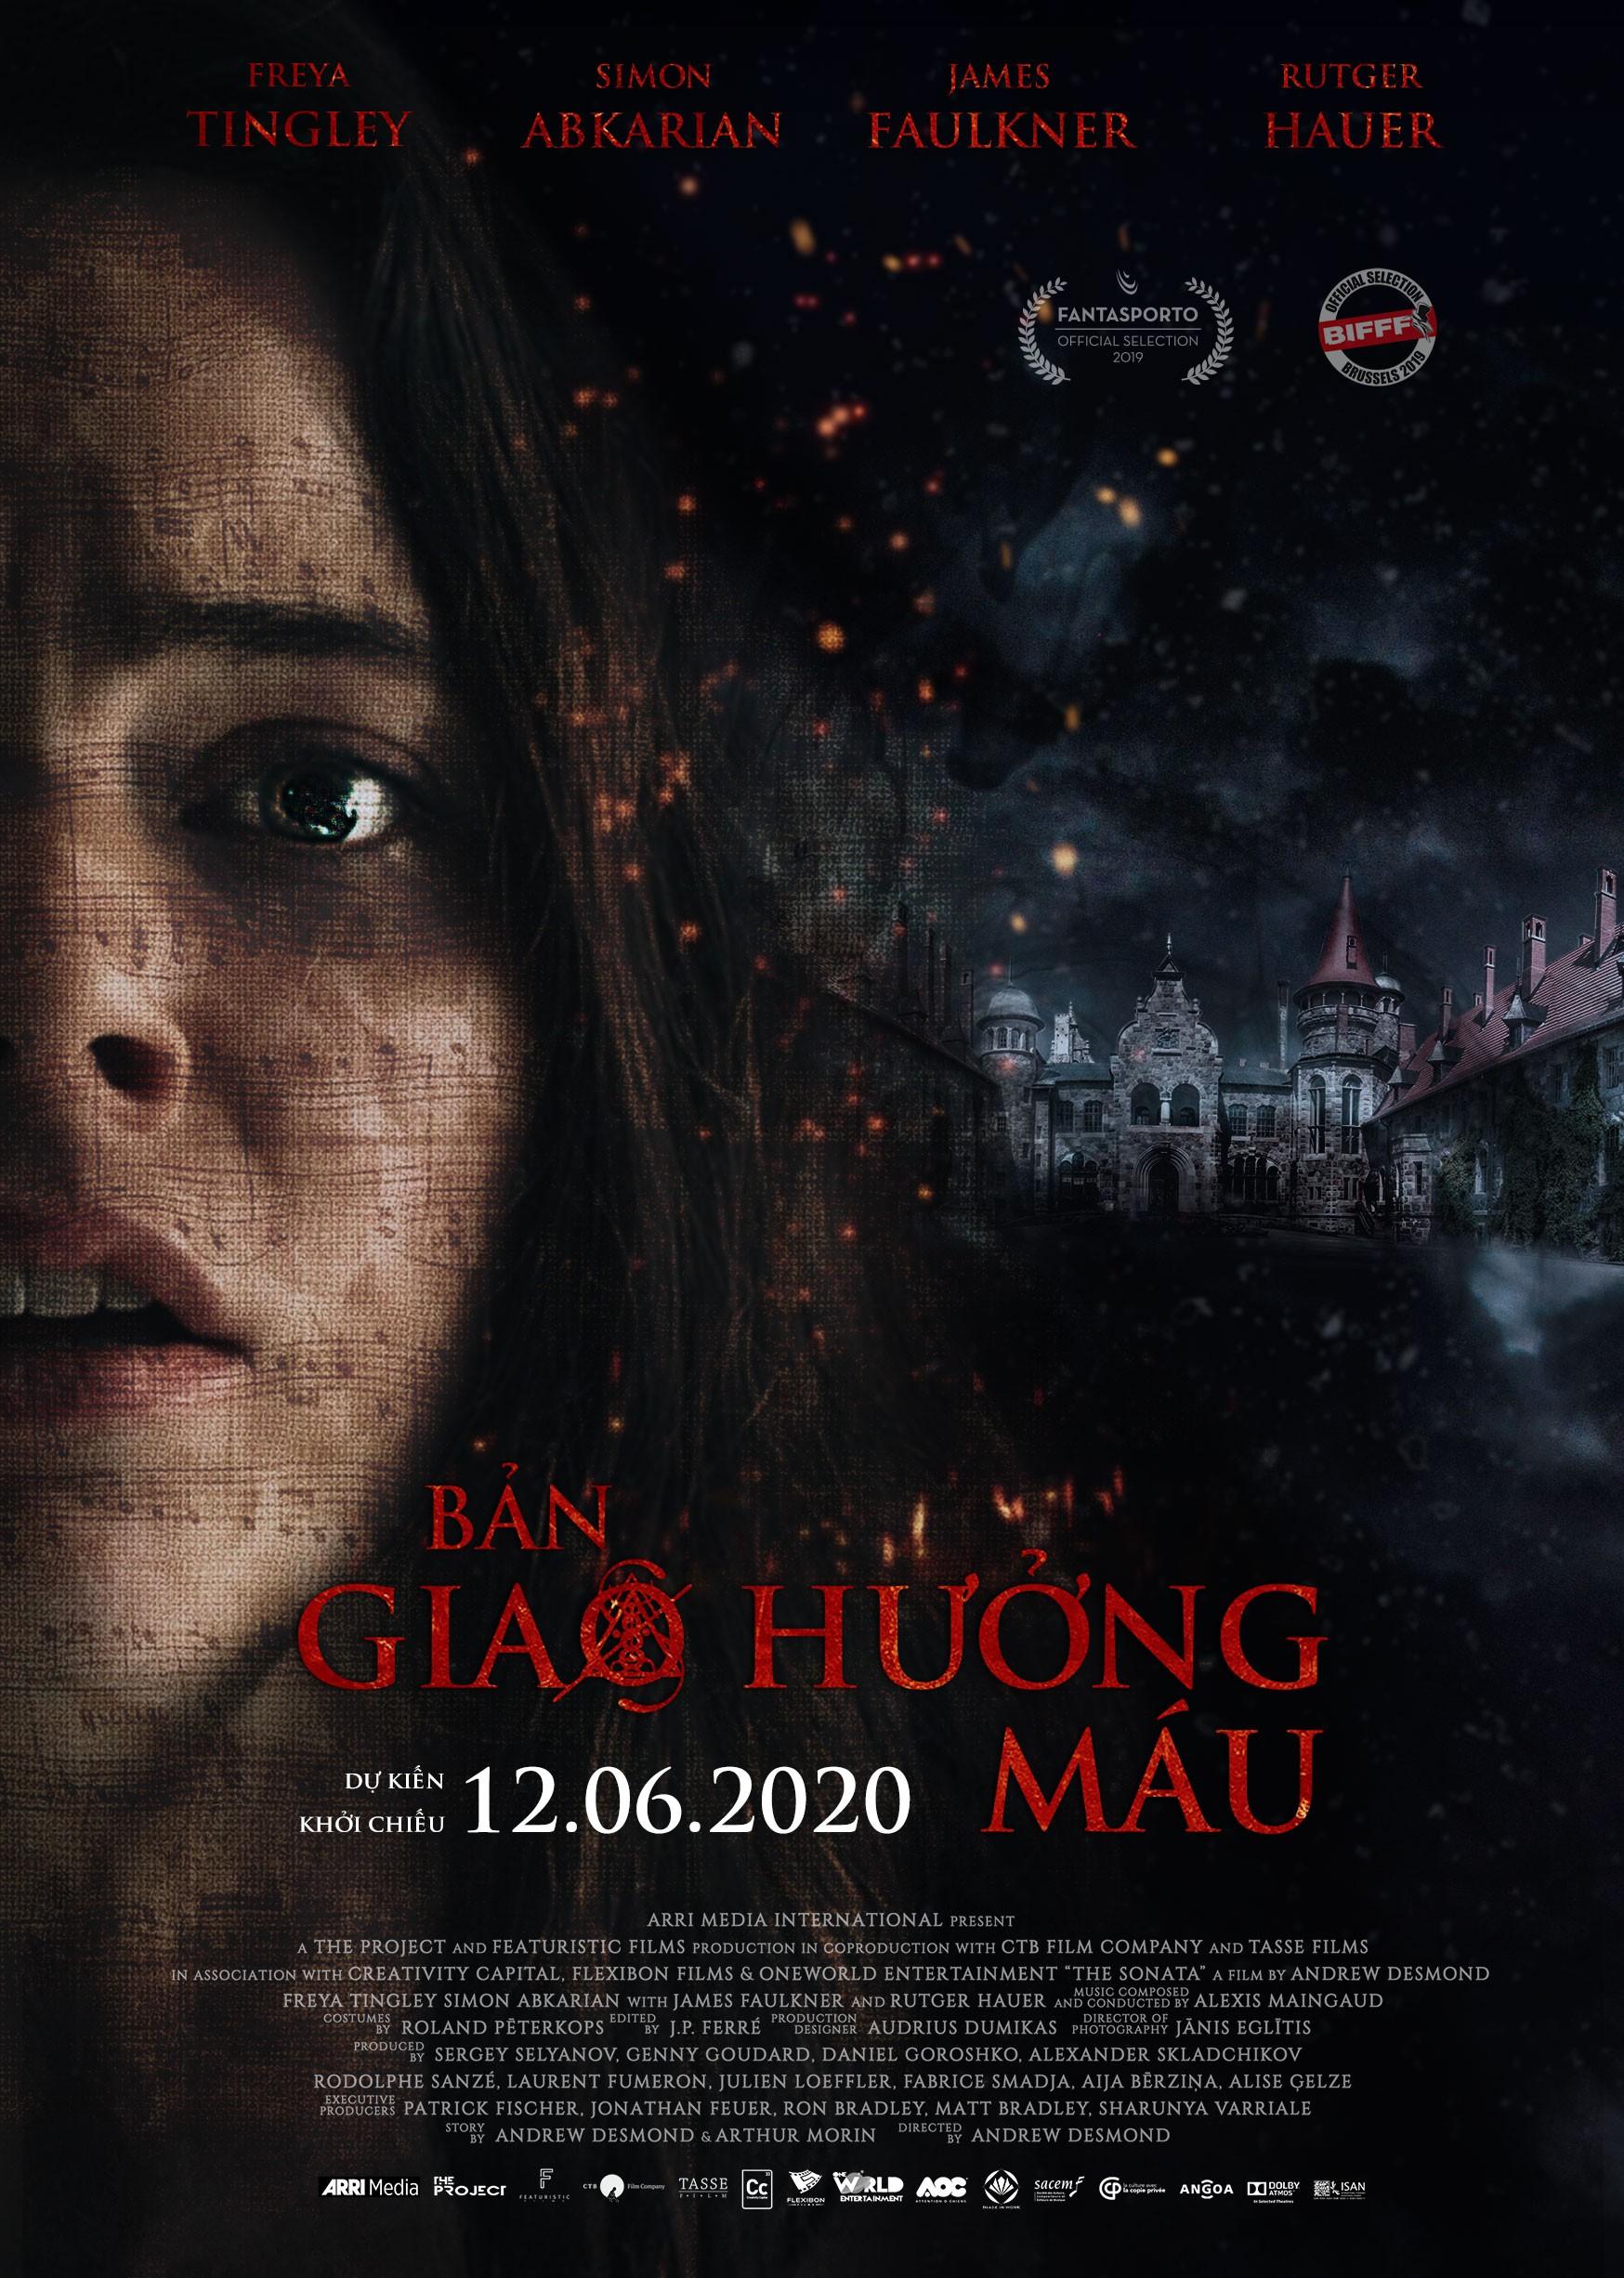 BẢN GIAO HƯỞNG MÁU